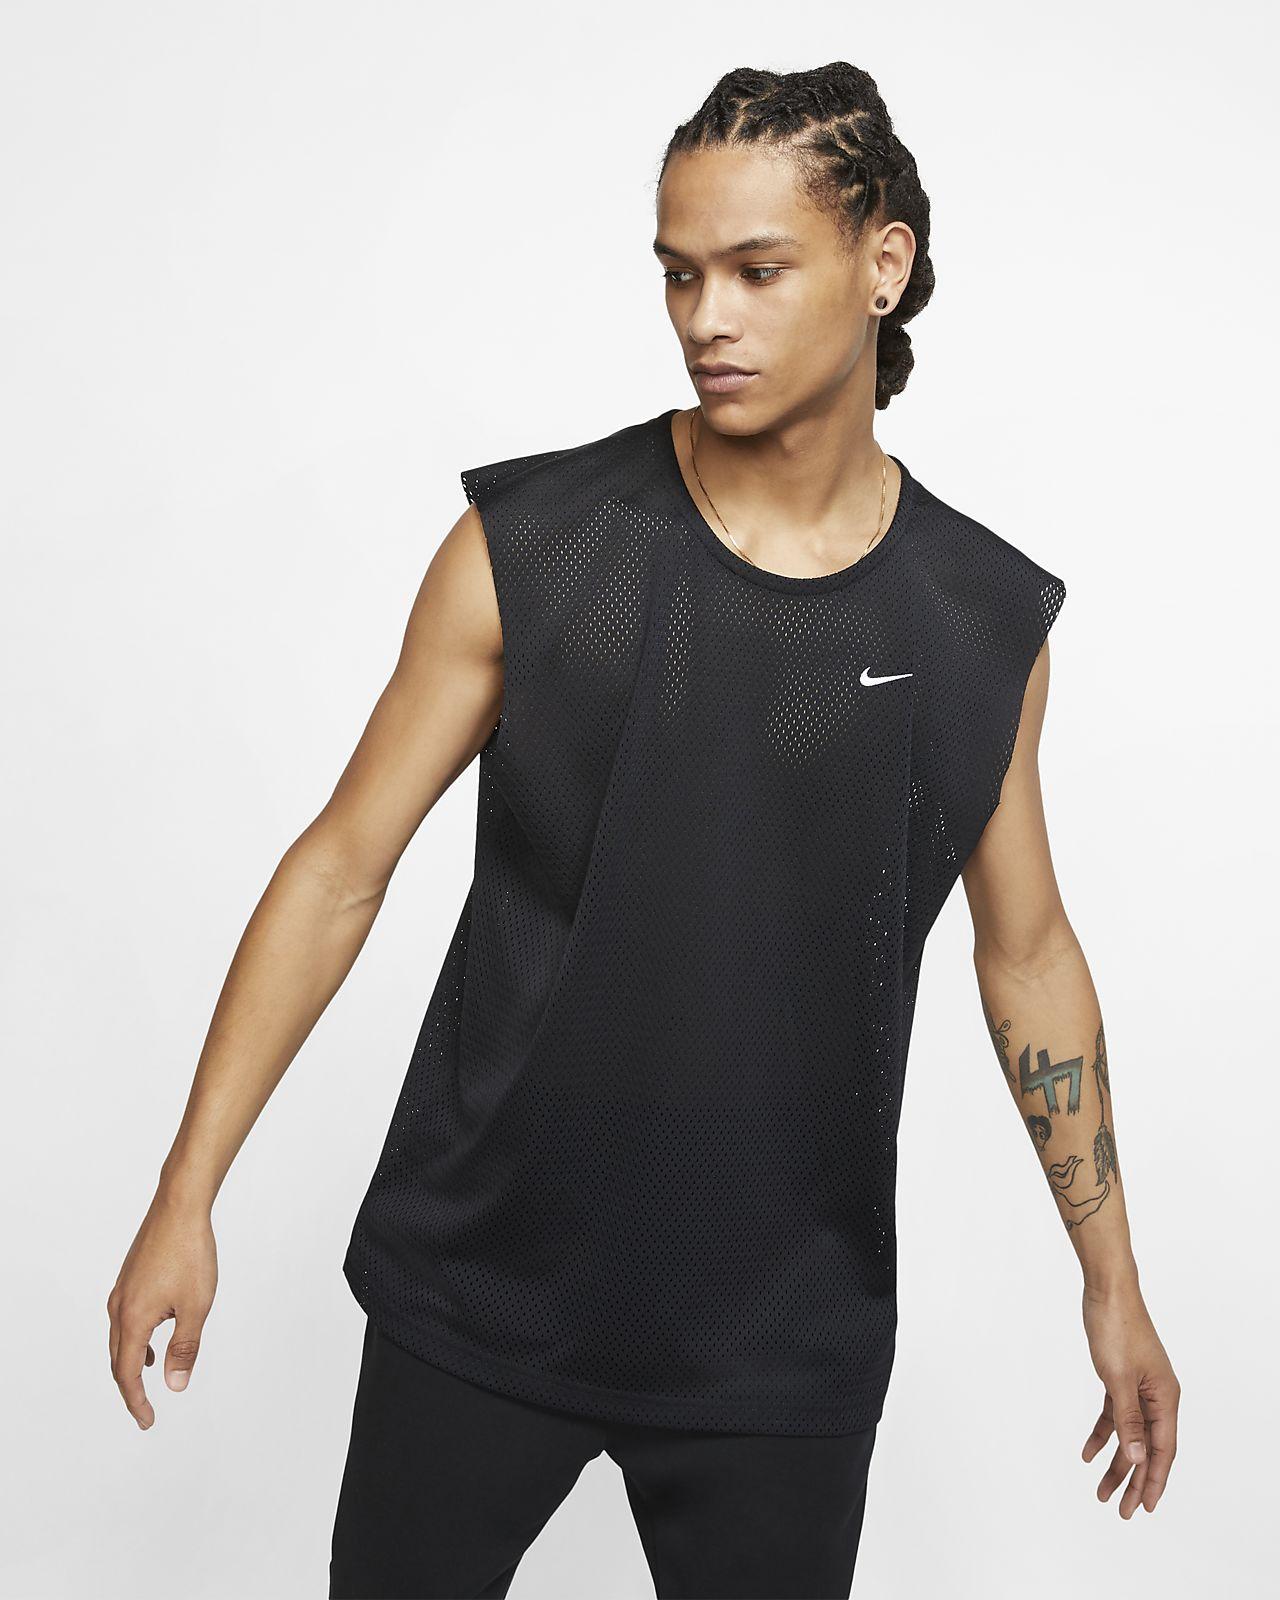 เสื้อกล้ามผู้ชาย NikeLab Collection